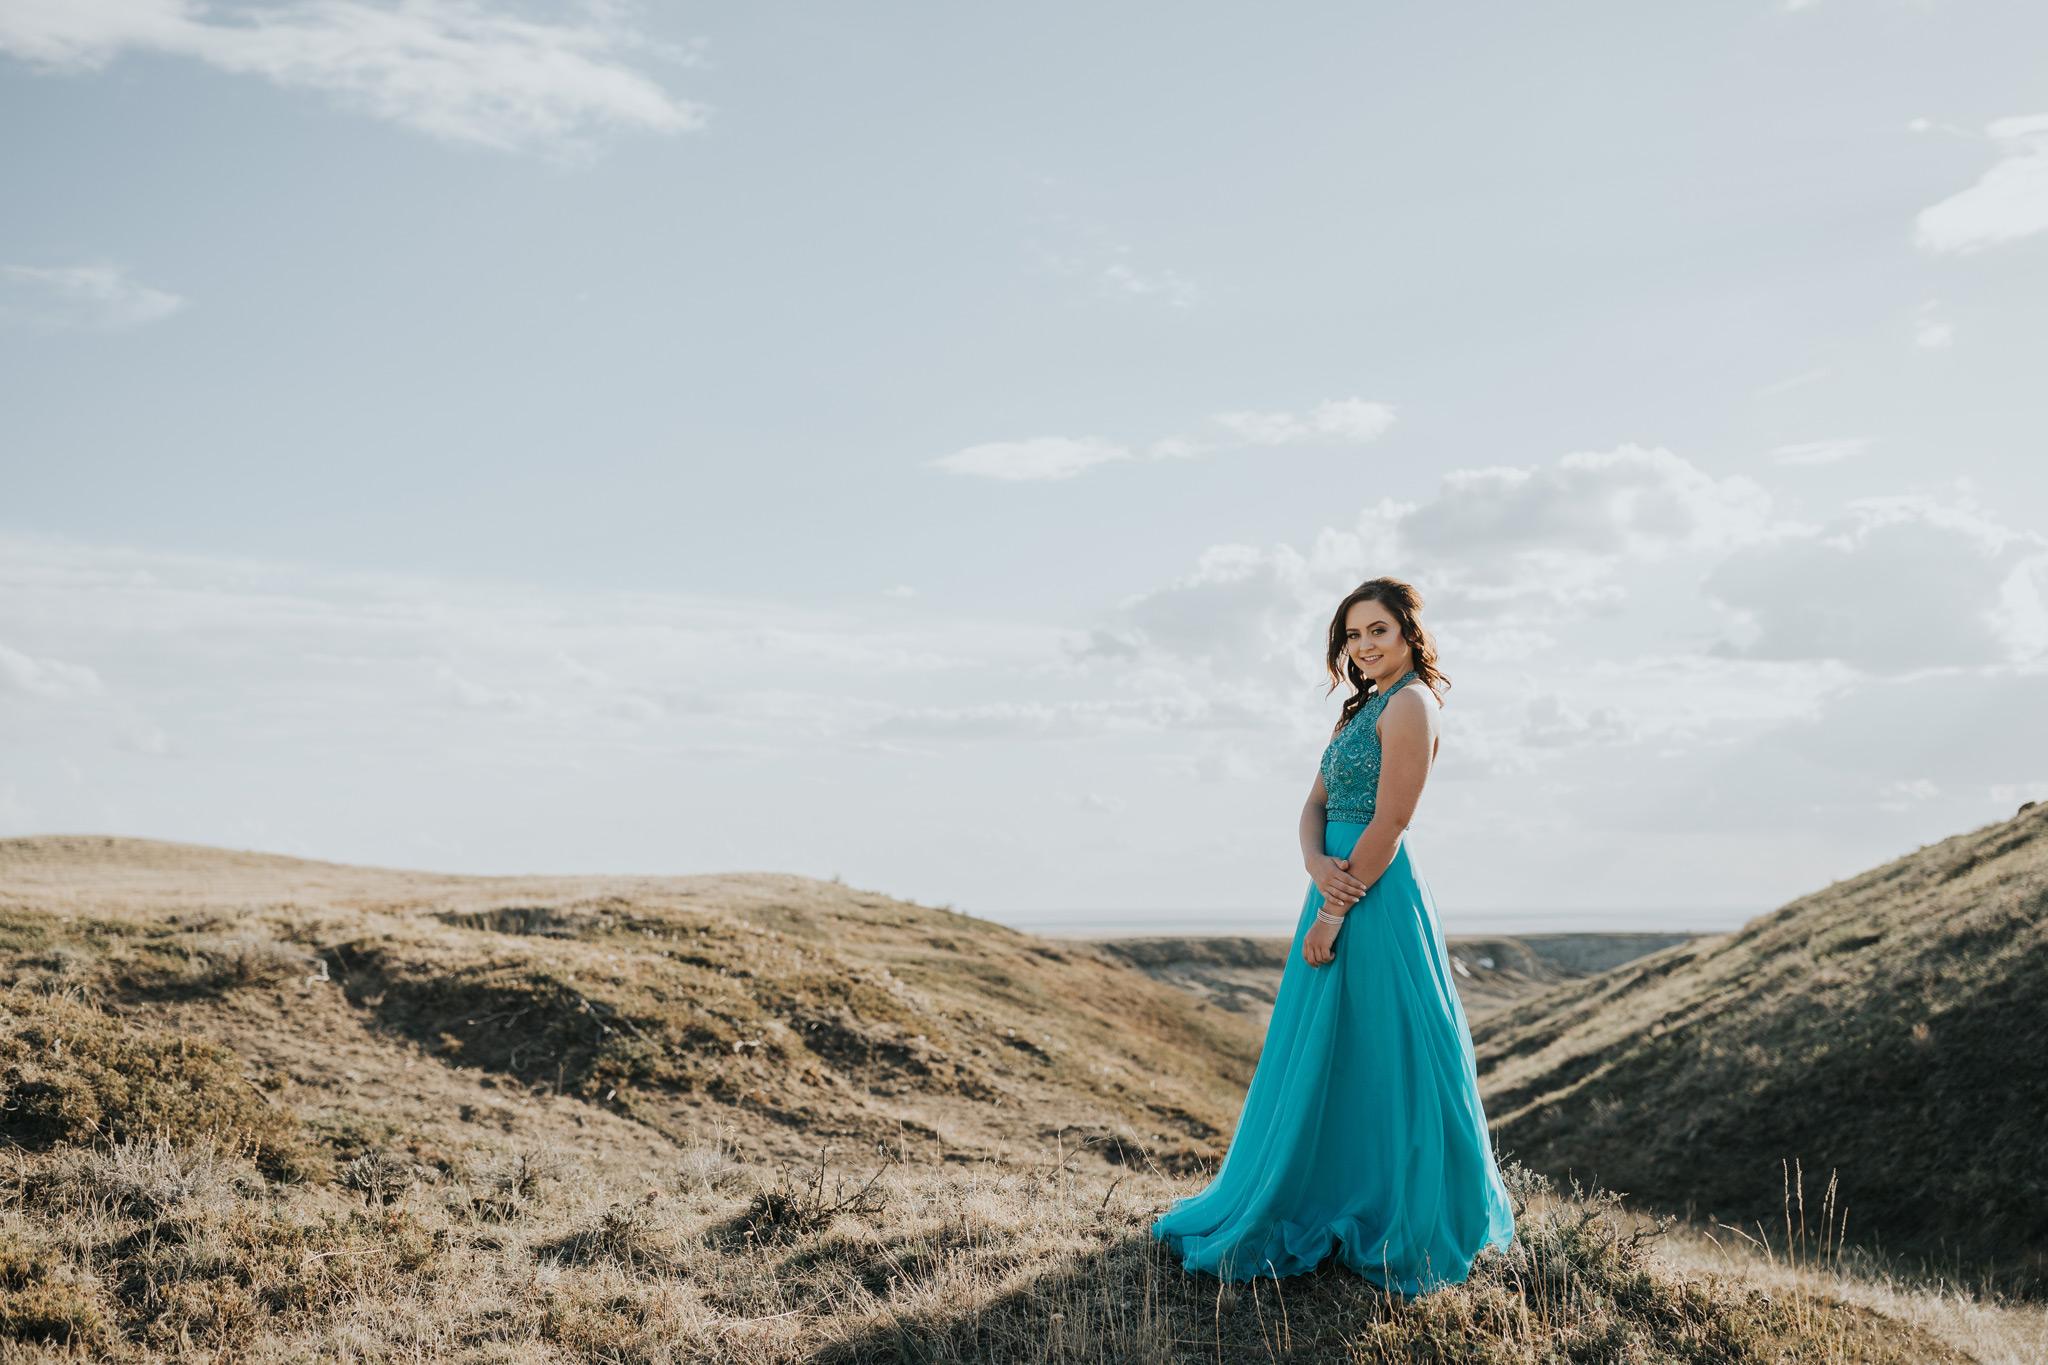 girl standing in grad dress smiling sunset